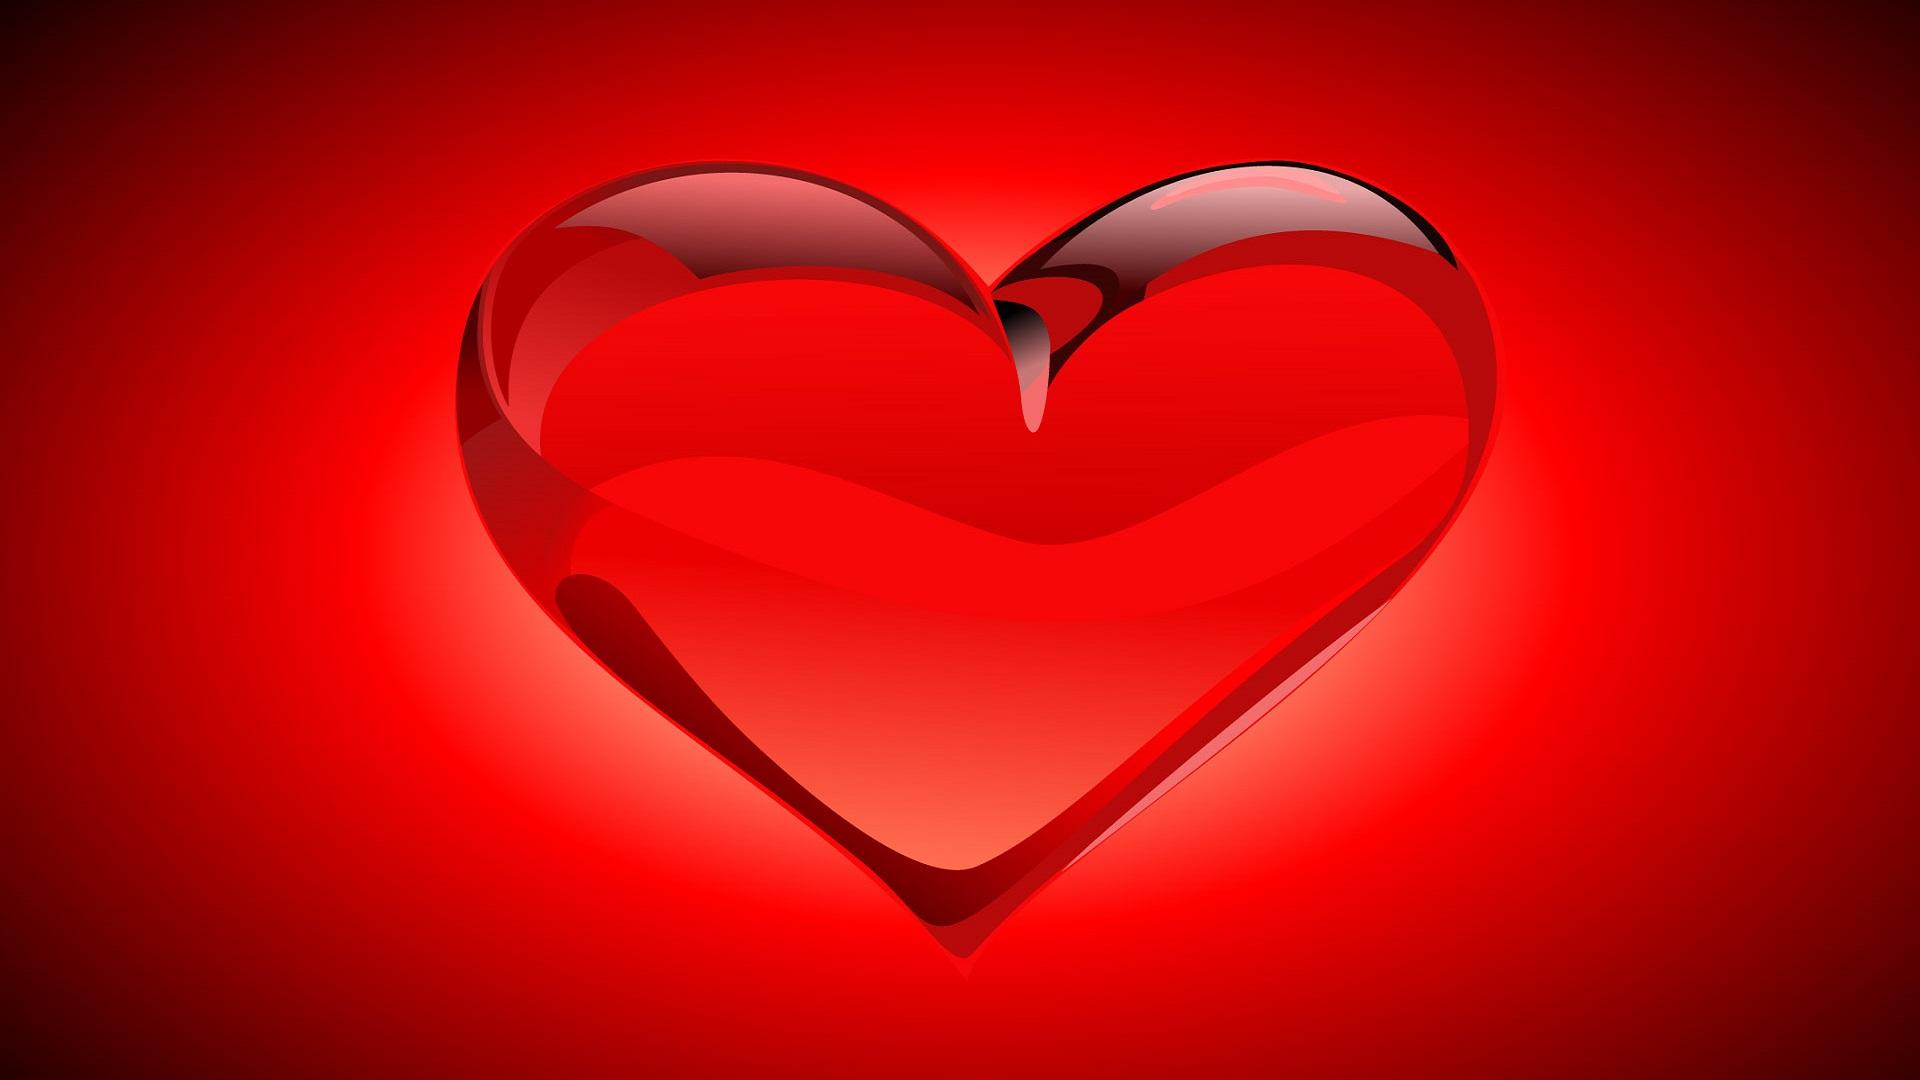 Red heart hd free wallpaper download hd wallpaper - Best heart wallpaper hd ...